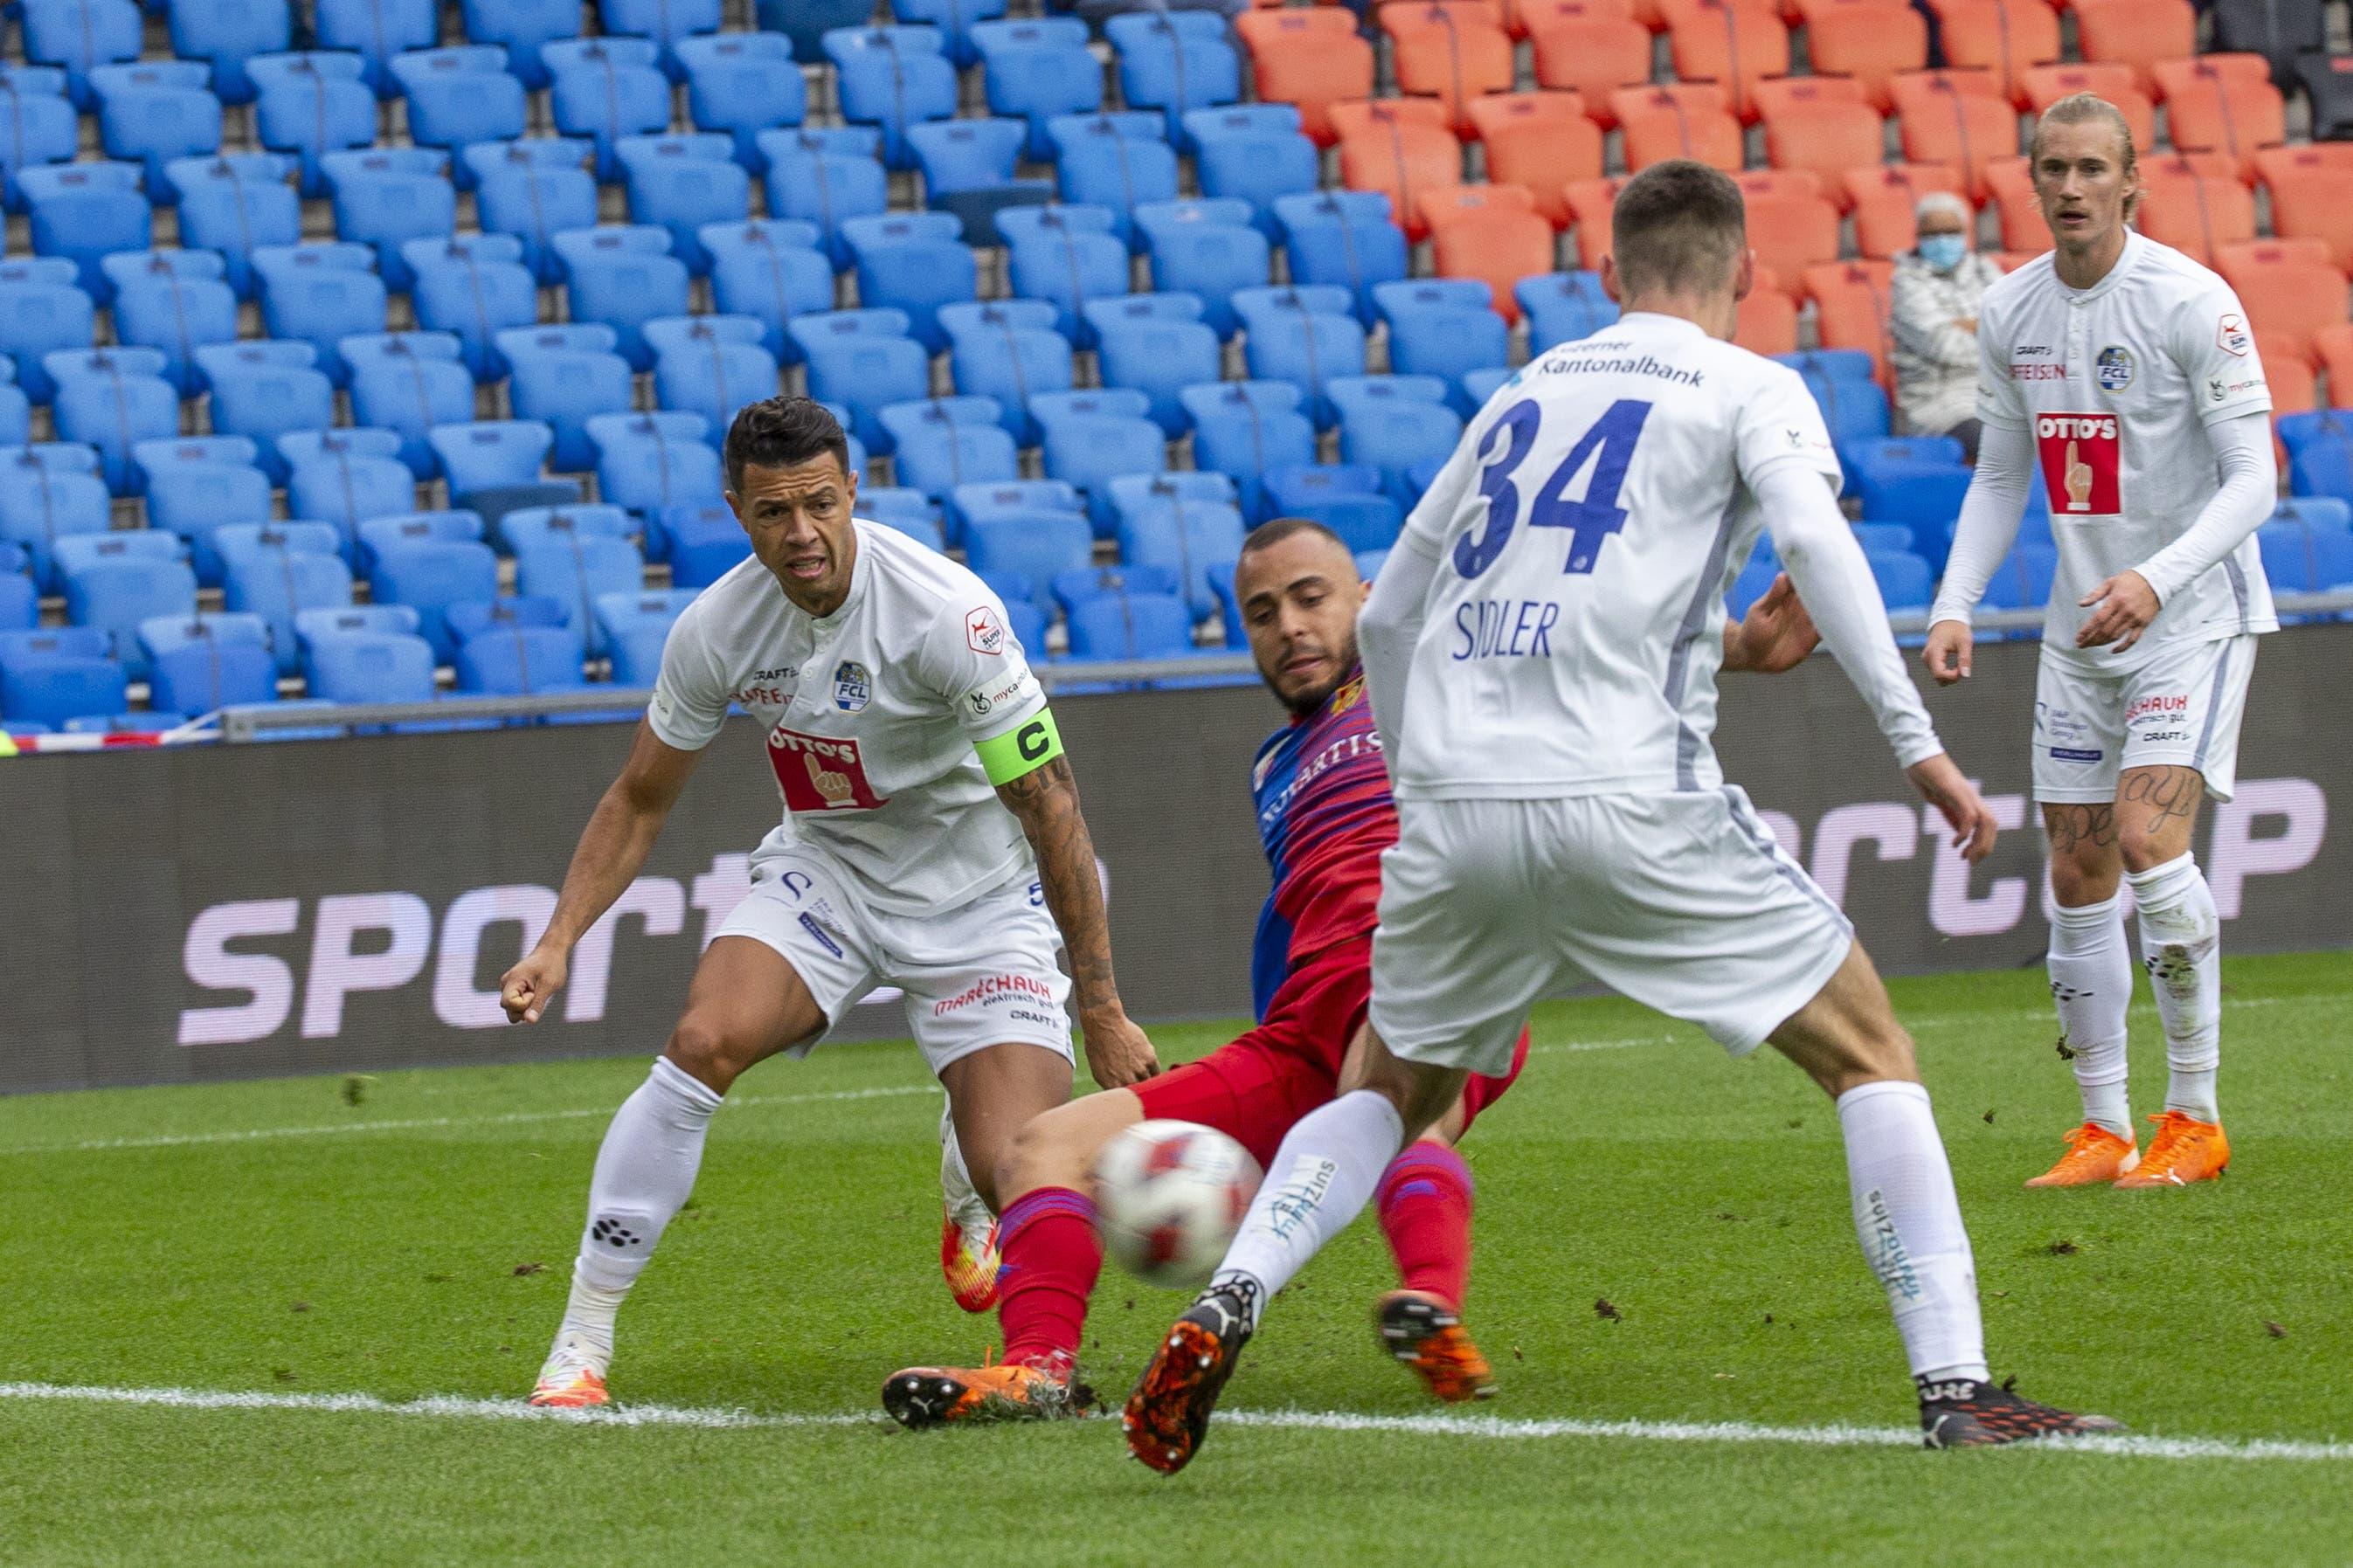 Der Basler Arthur Cabral (Mitte) setzt sich gegen die Luzerner Silvan Sidler (rechts) und Lucas Alves (links) durch und erzielt das 1:0.